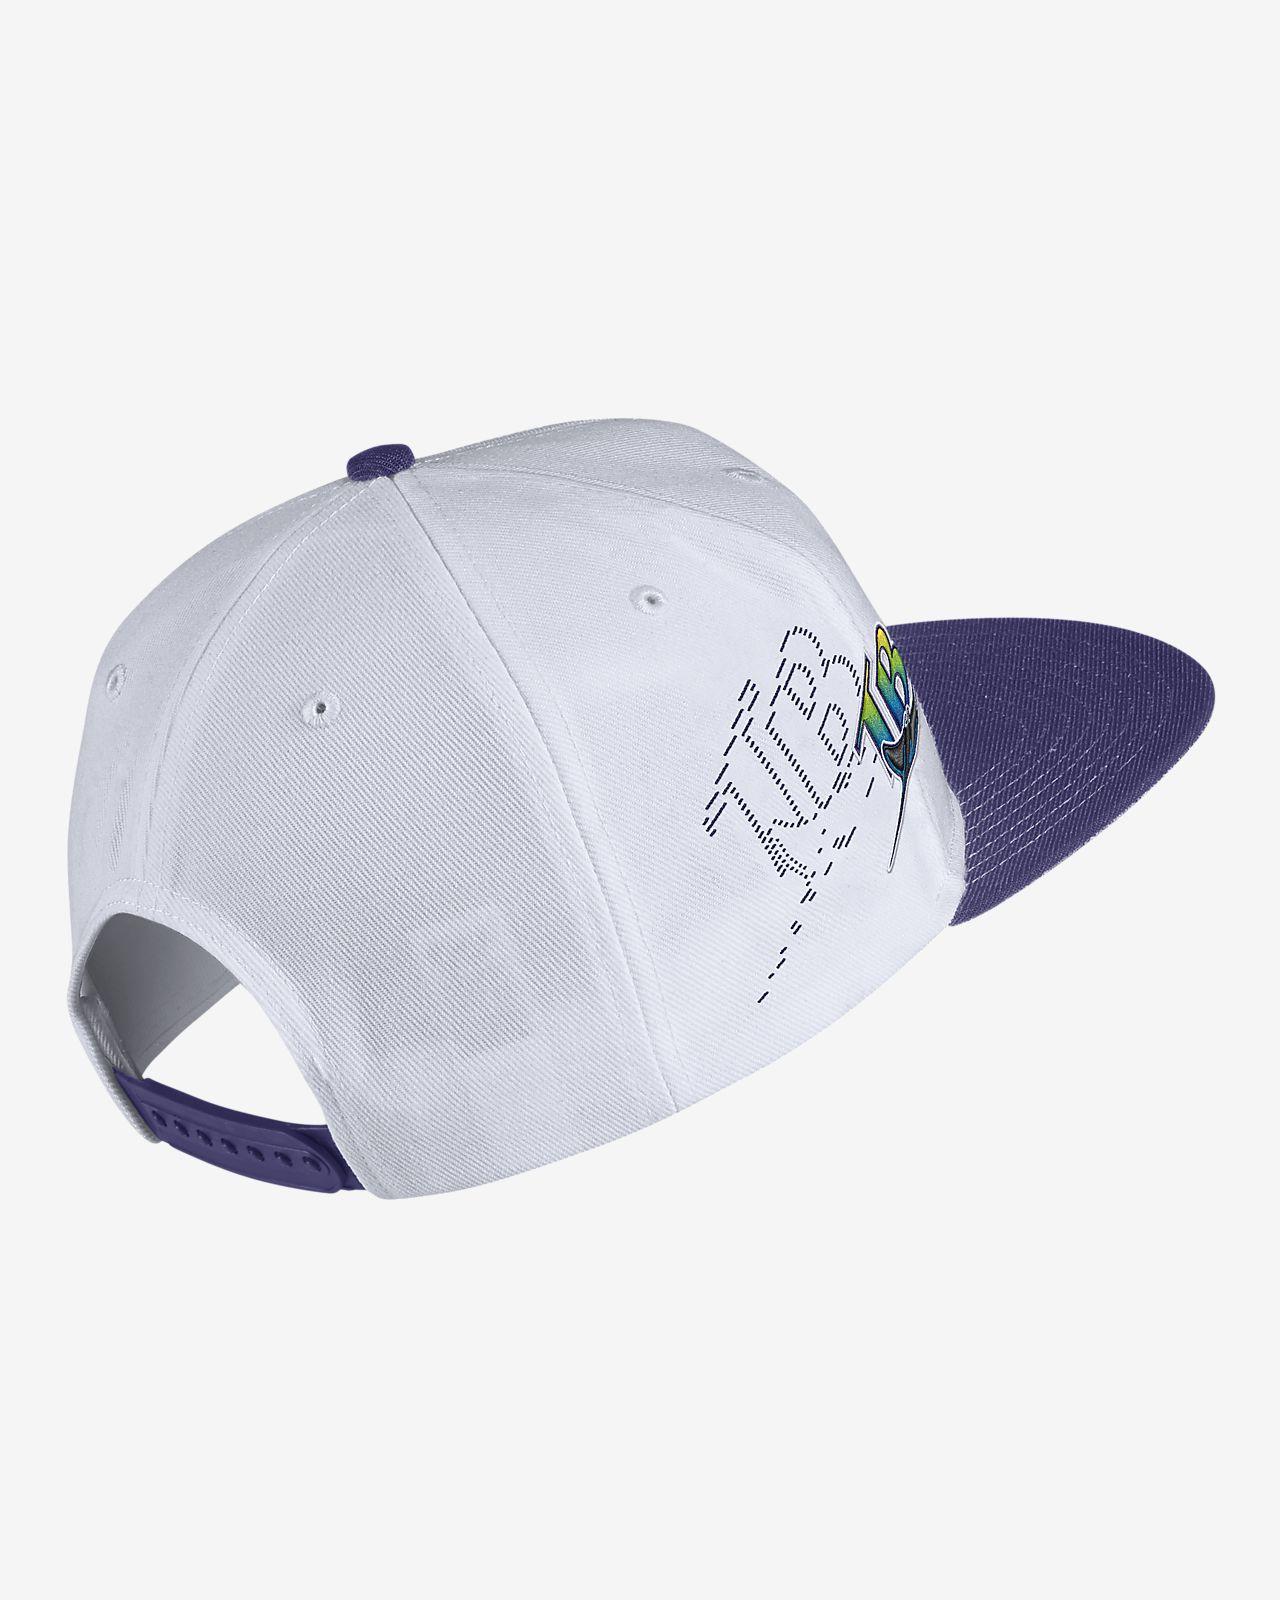 9b93c6020 Nike Pro Sports Specialties (MLB Rays) Hat